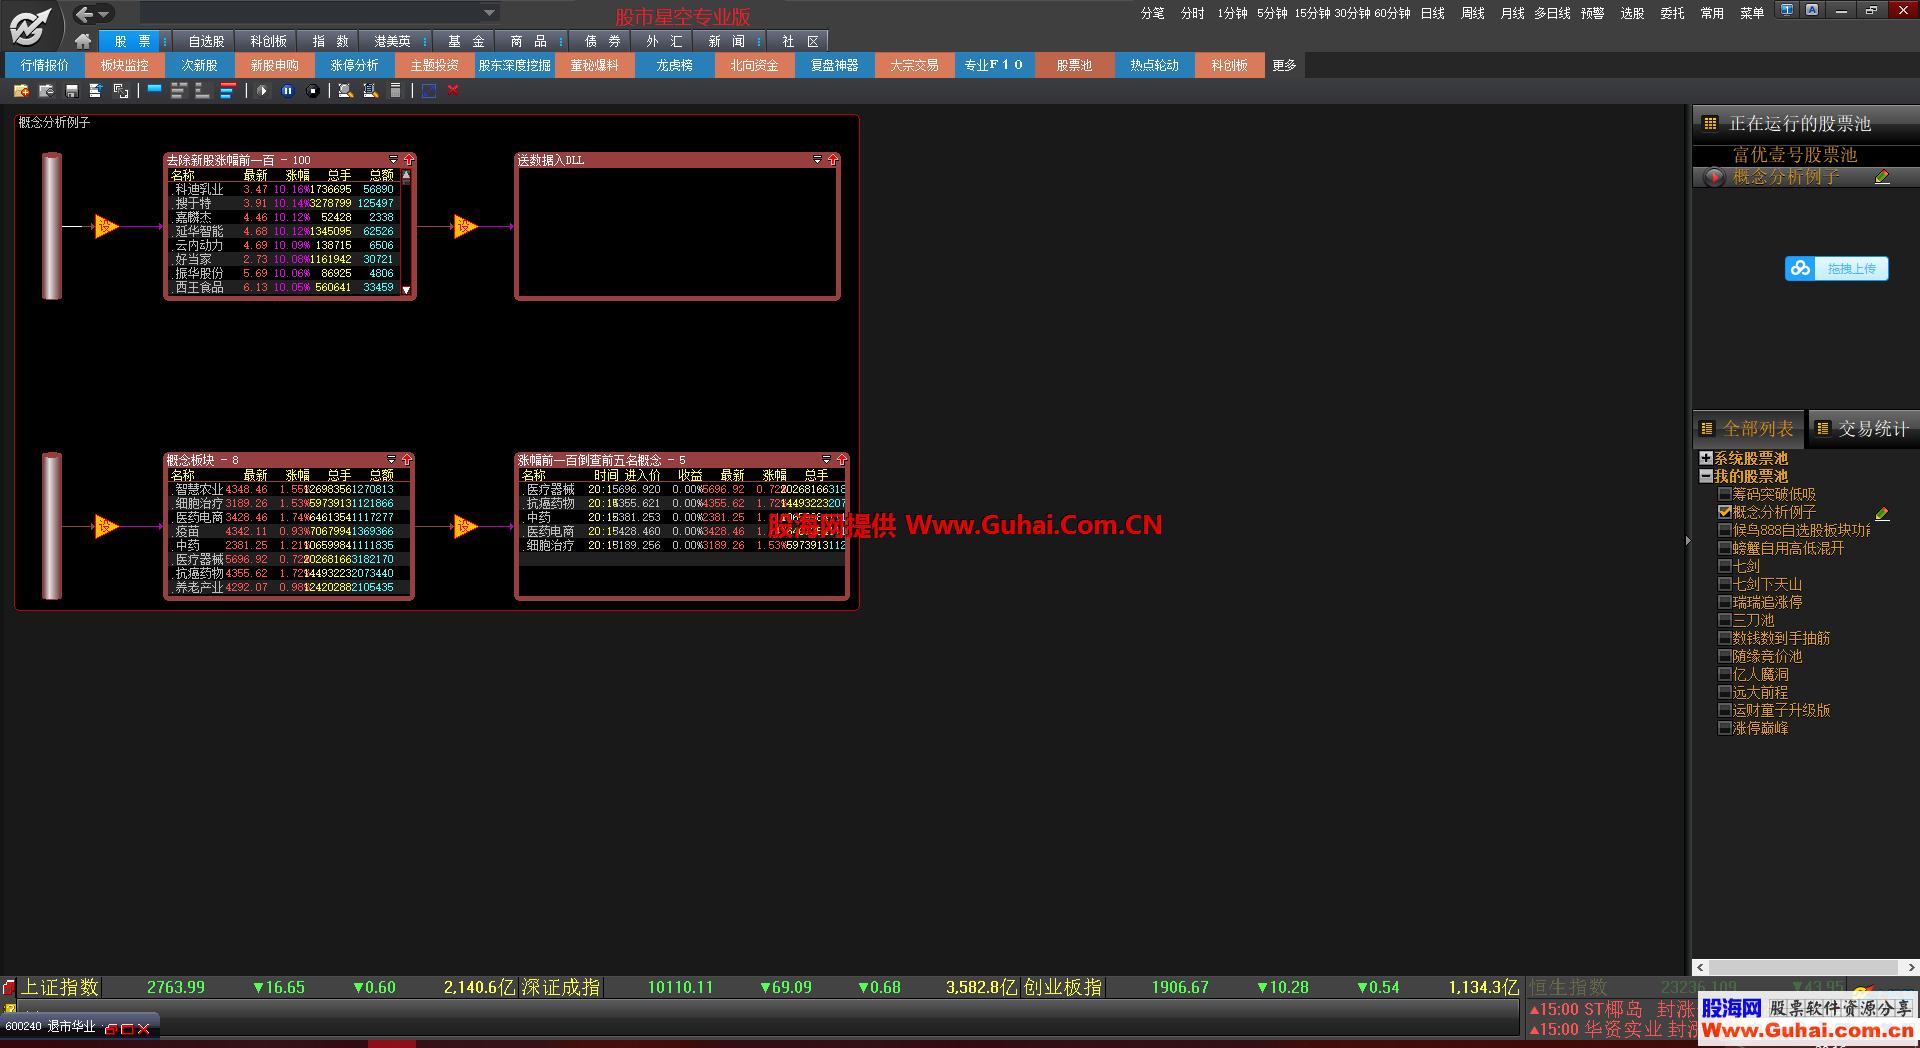 大智慧版块分析股票池(贴图)